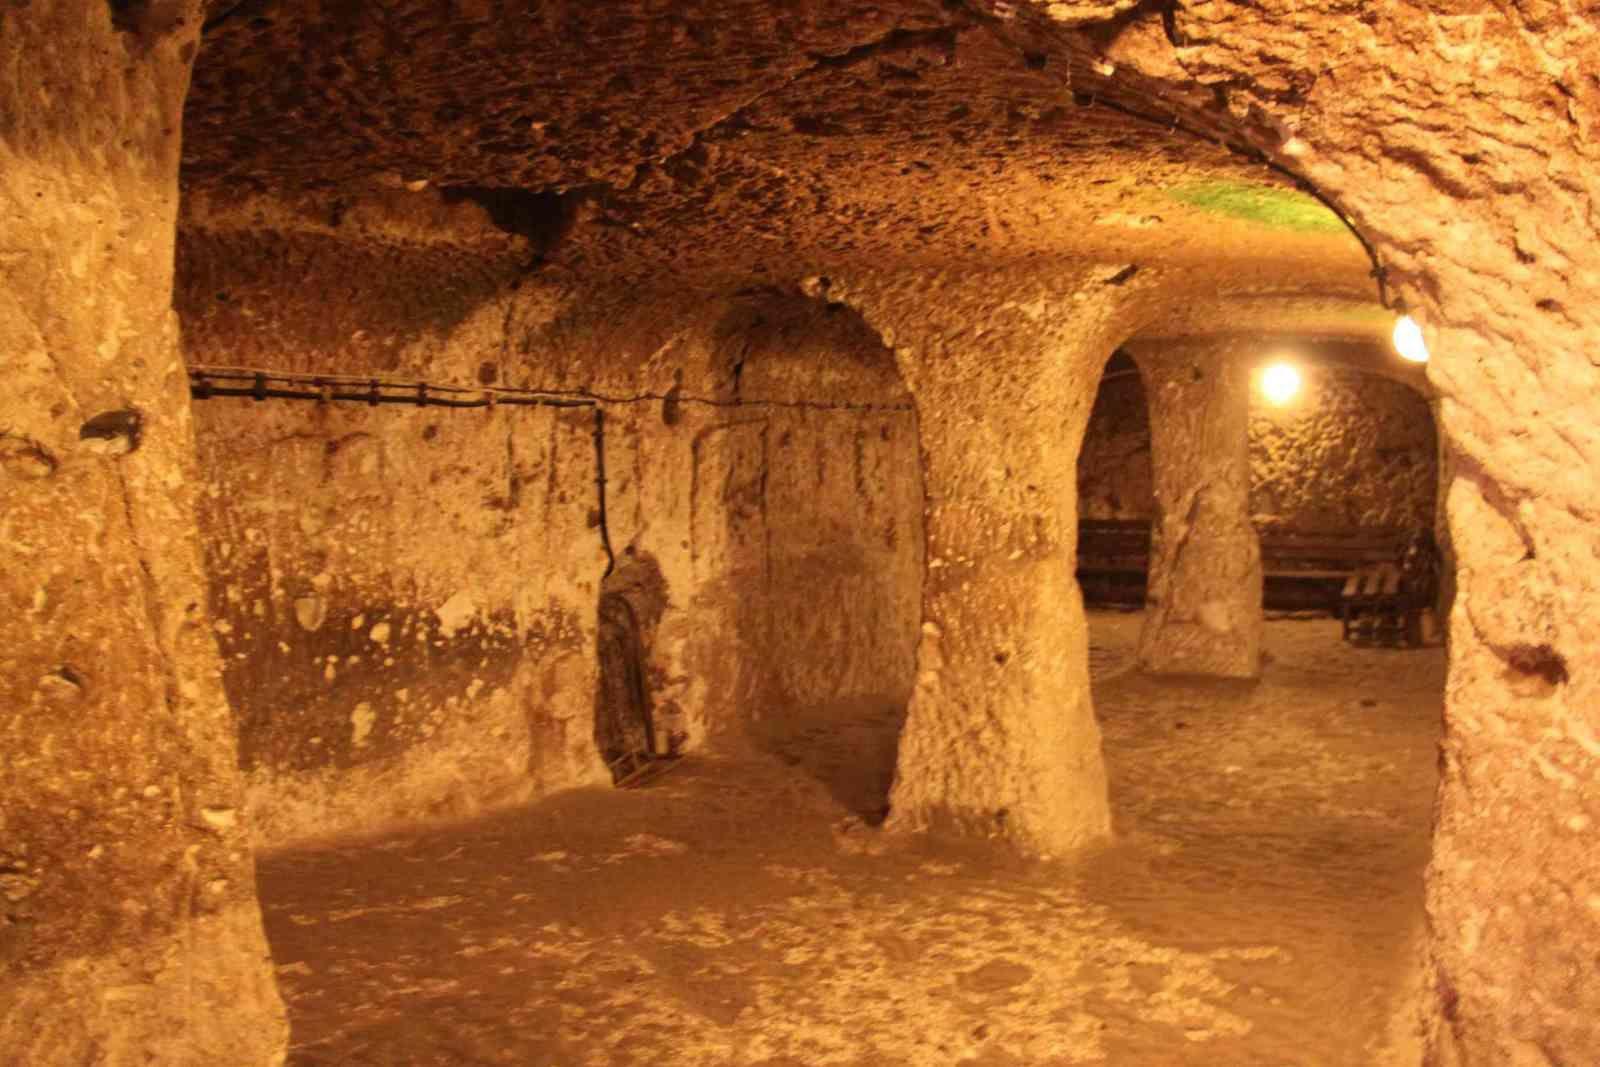 Cités souterraines, randonnée et… varicelle !